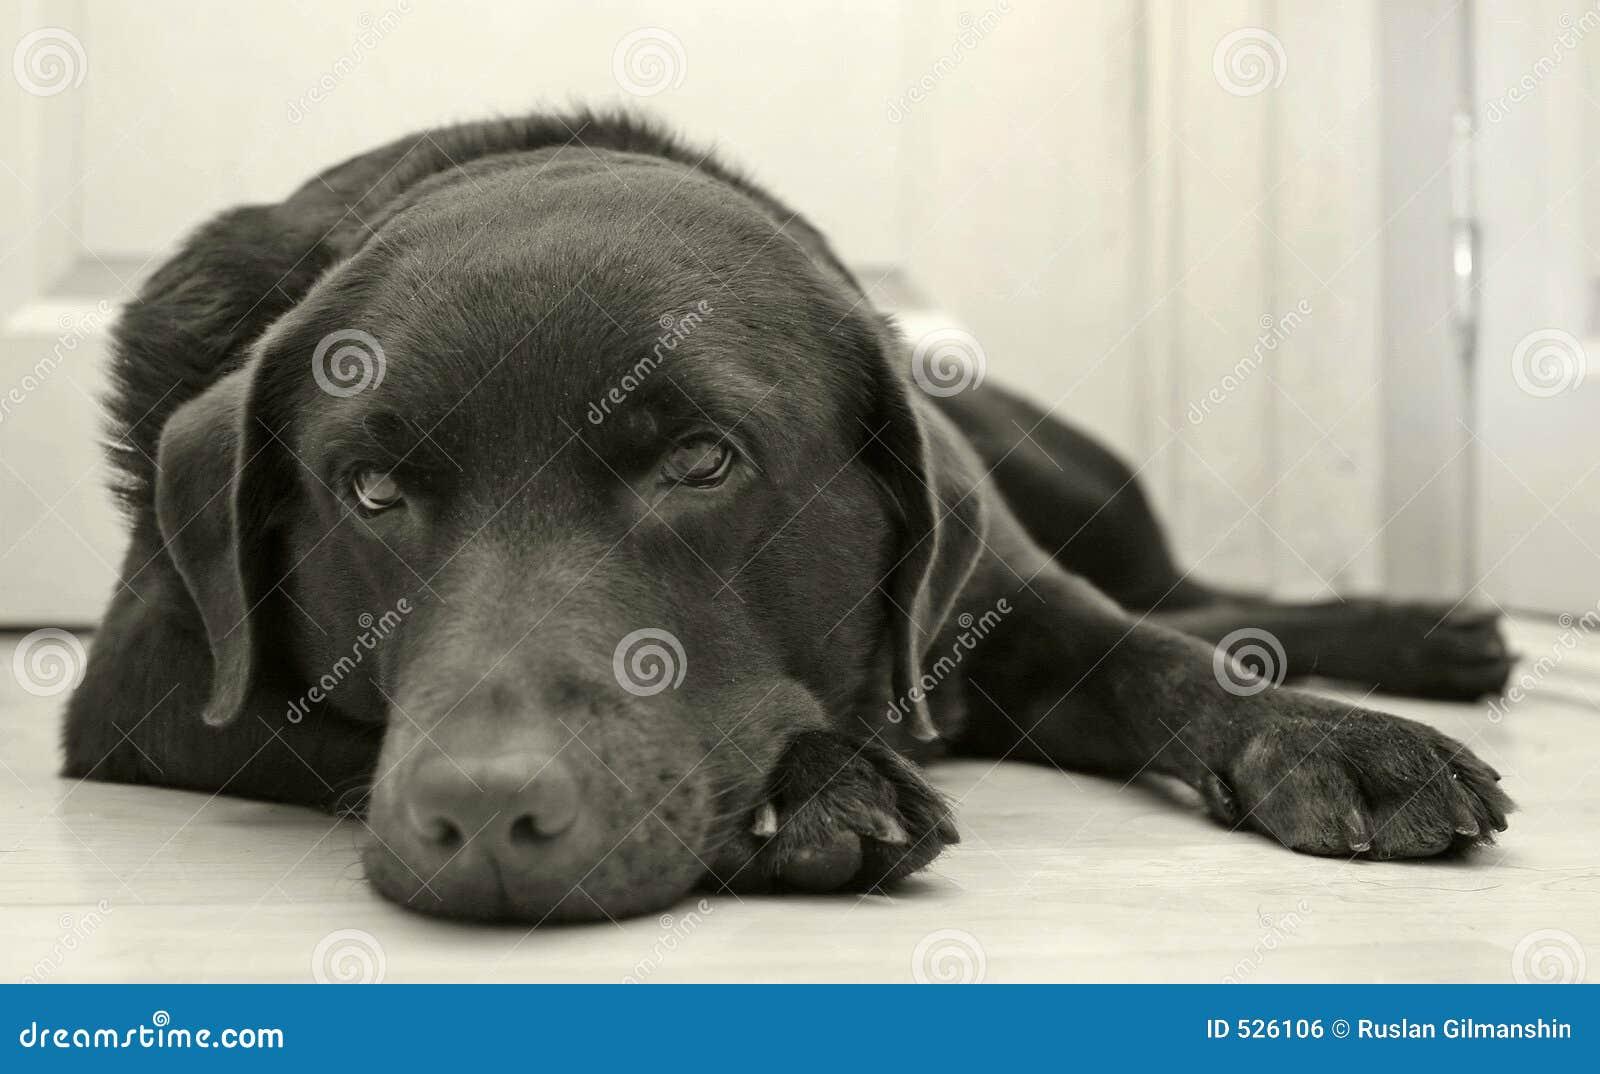 Download 狗 库存照片. 图片 包括有 巧克力, 宠物, 耳朵, 实验室, 拉布拉多, 忠诚, 搜索, 猎犬, 鼻子, 女性 - 526106